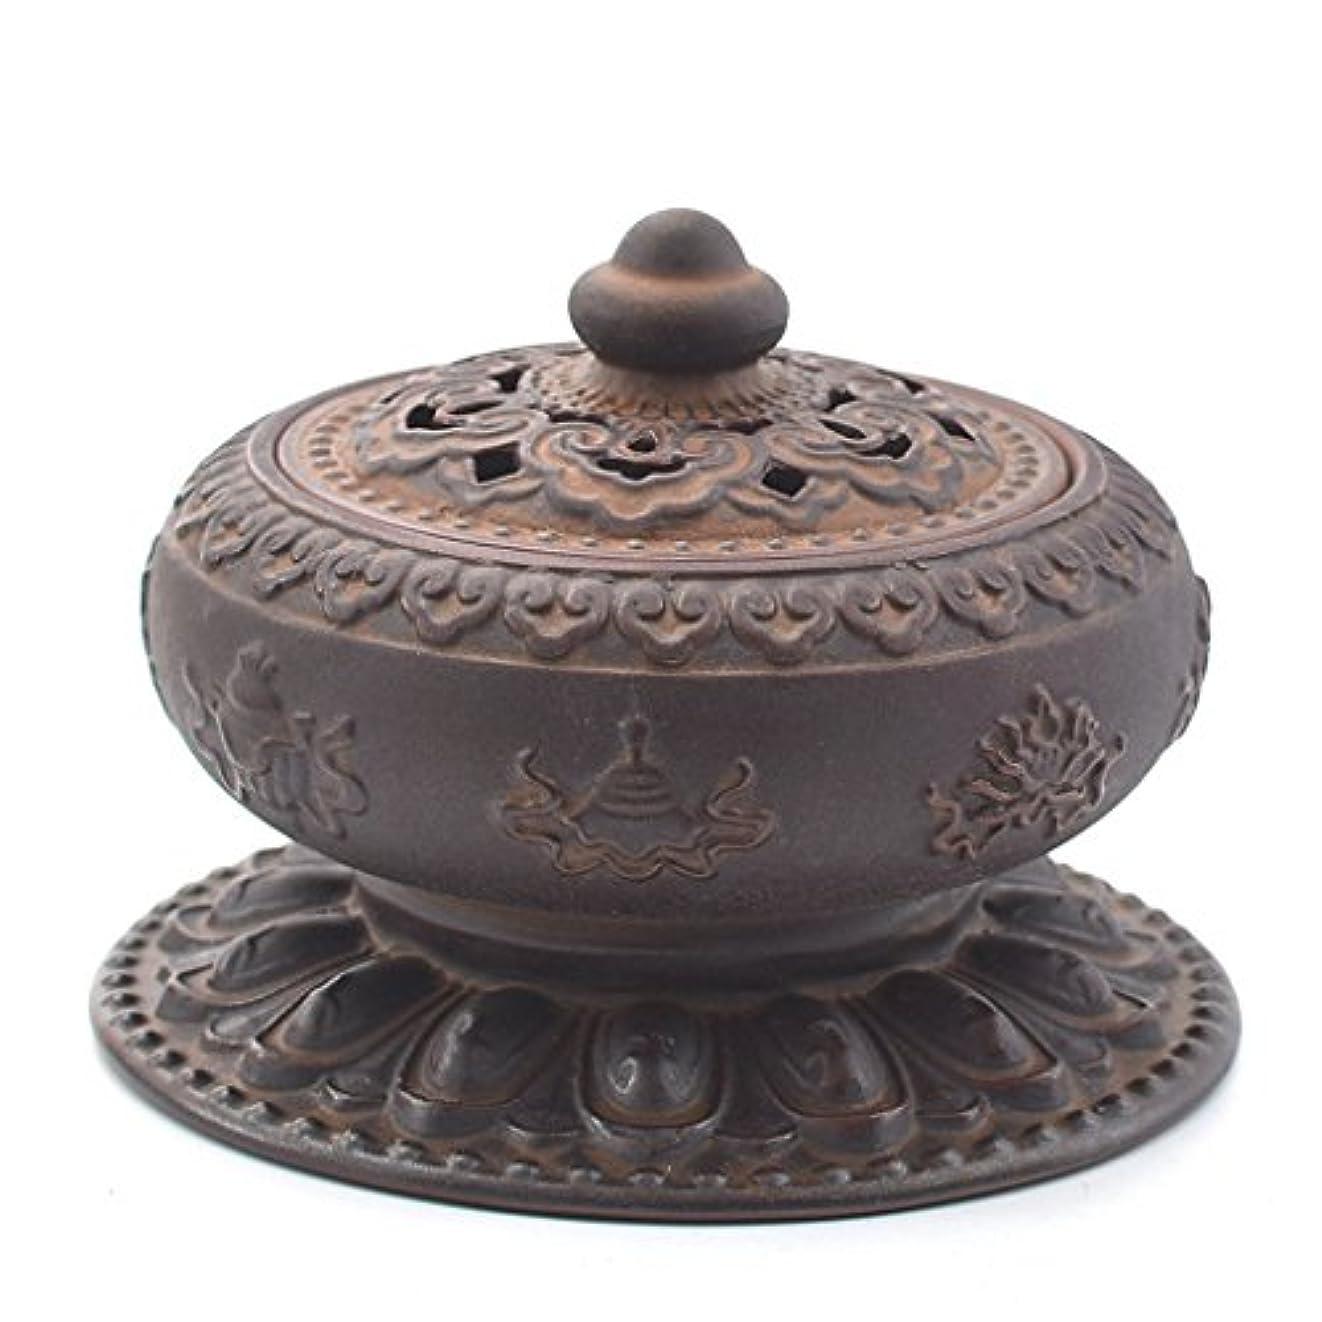 従順村ビーチ(ラシューバー) Lasuiveur 香炉 線香立て 香立て 職人さんの手作り 茶道用品 おしゃれ